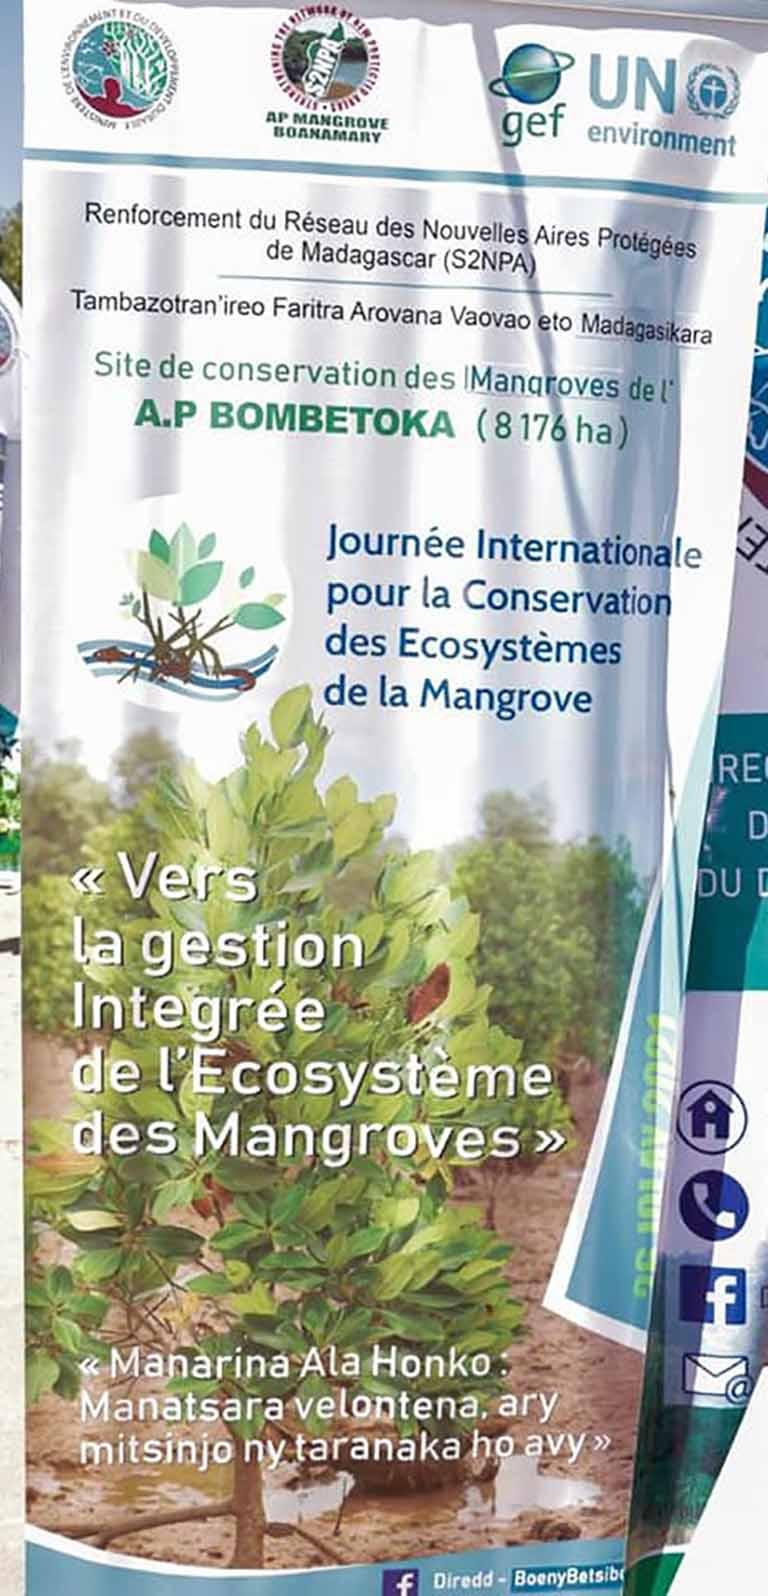 LES INITIATIVES RELATIVES A LA GESTION DE L'ECOSYSTEME MANGROVE A MADAGASCAR